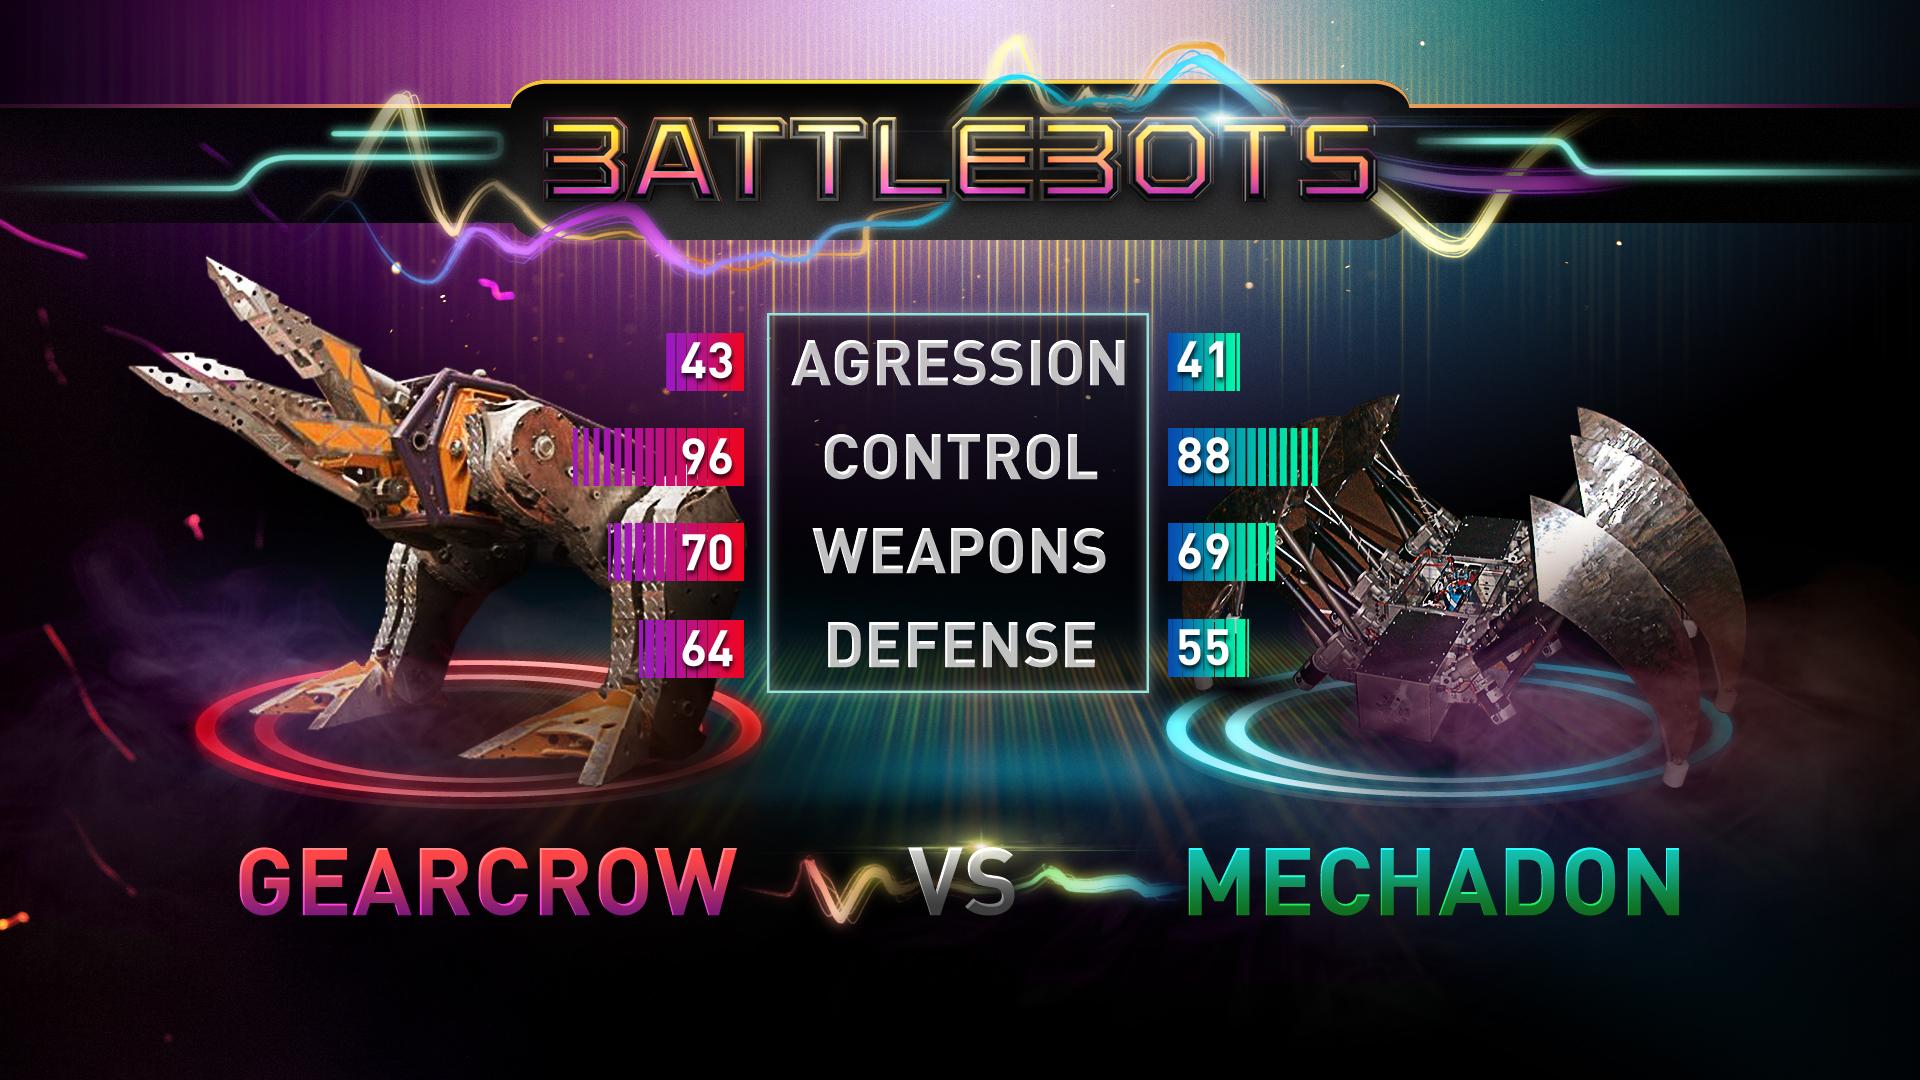 BattleBots_am_matchup_03.jpg